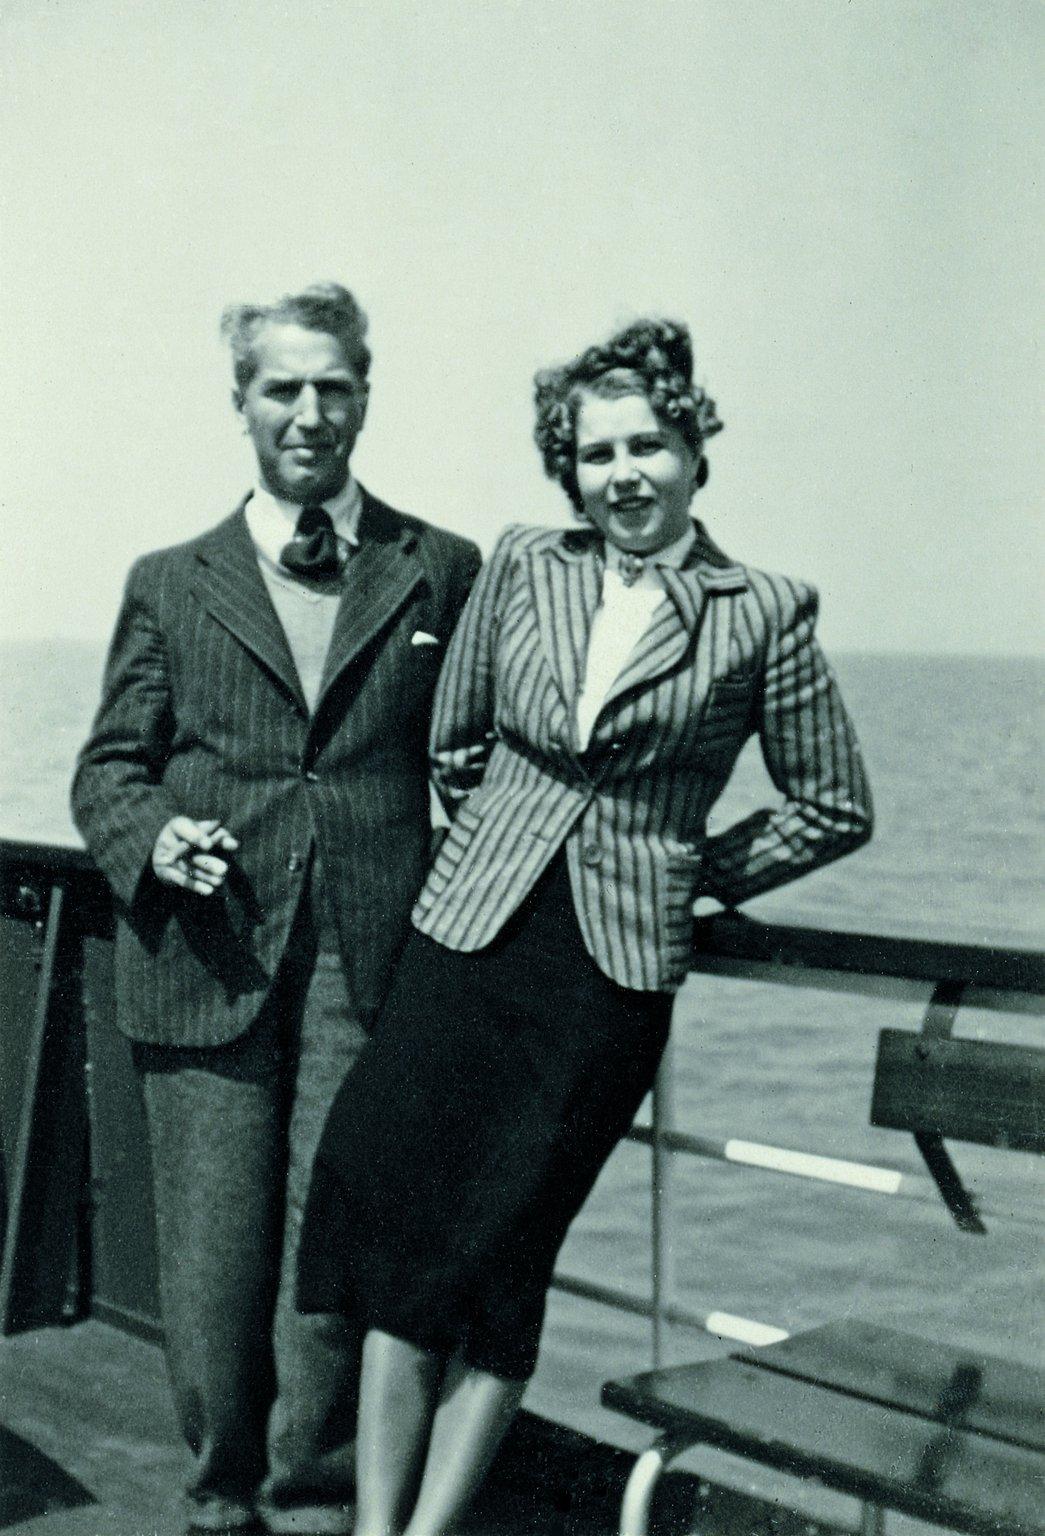 Fritz Pfeffer mit seiner Verlobten Charlotte Kaletta, um 1940.